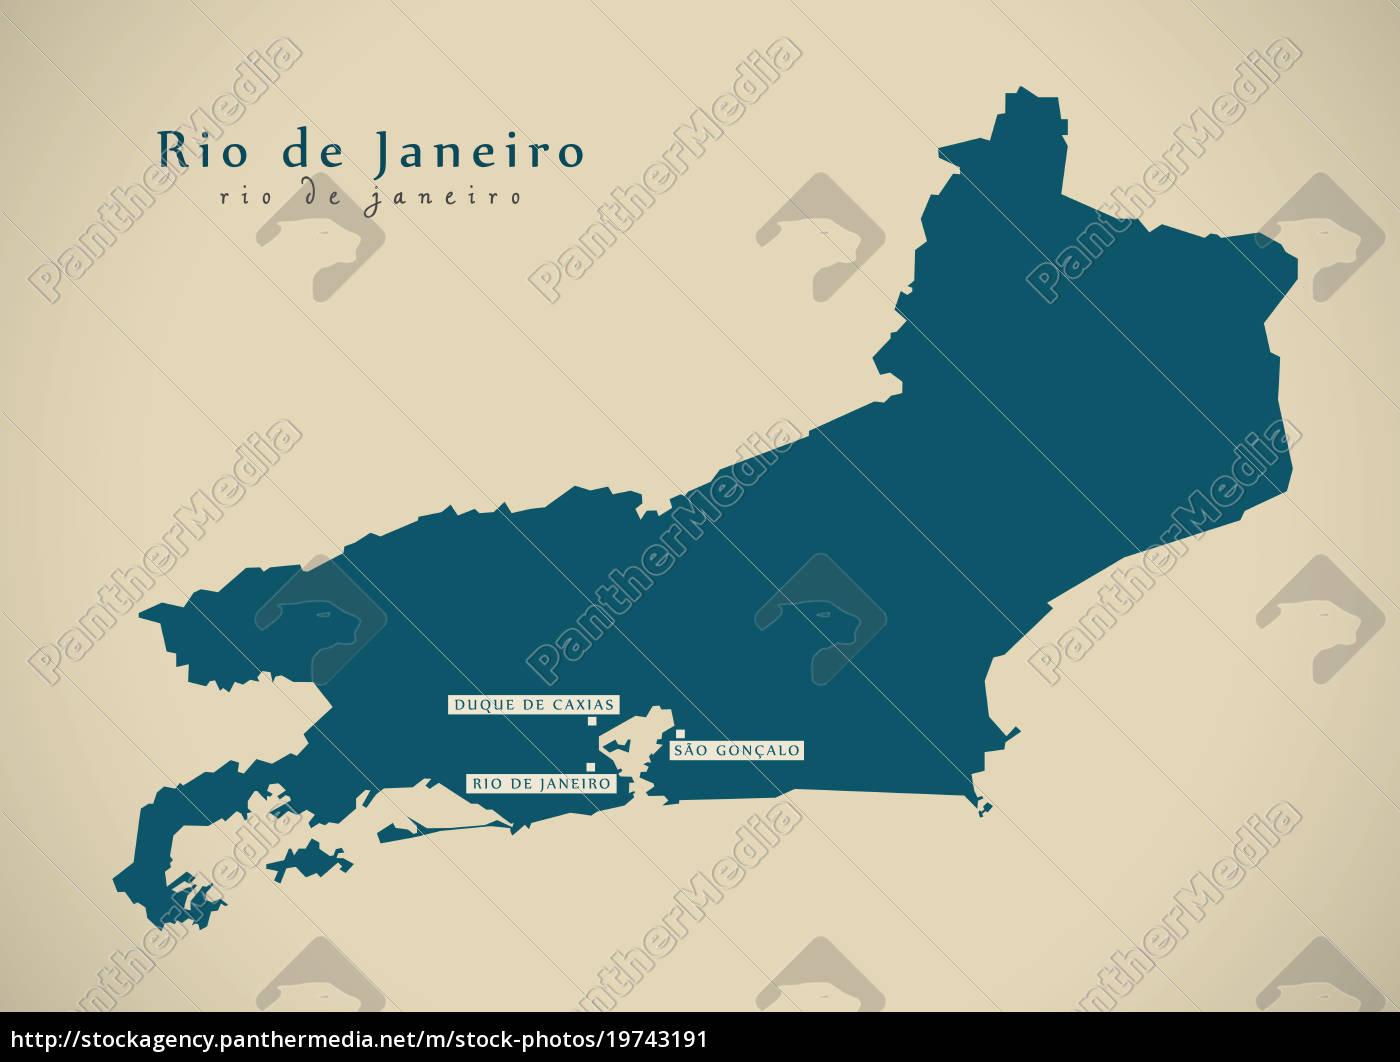 Rio De Janeiro Karte.Lizenzfreies Bild 19743191 Moderne Karte Rio De Janeiro Br Brasilien Illustration